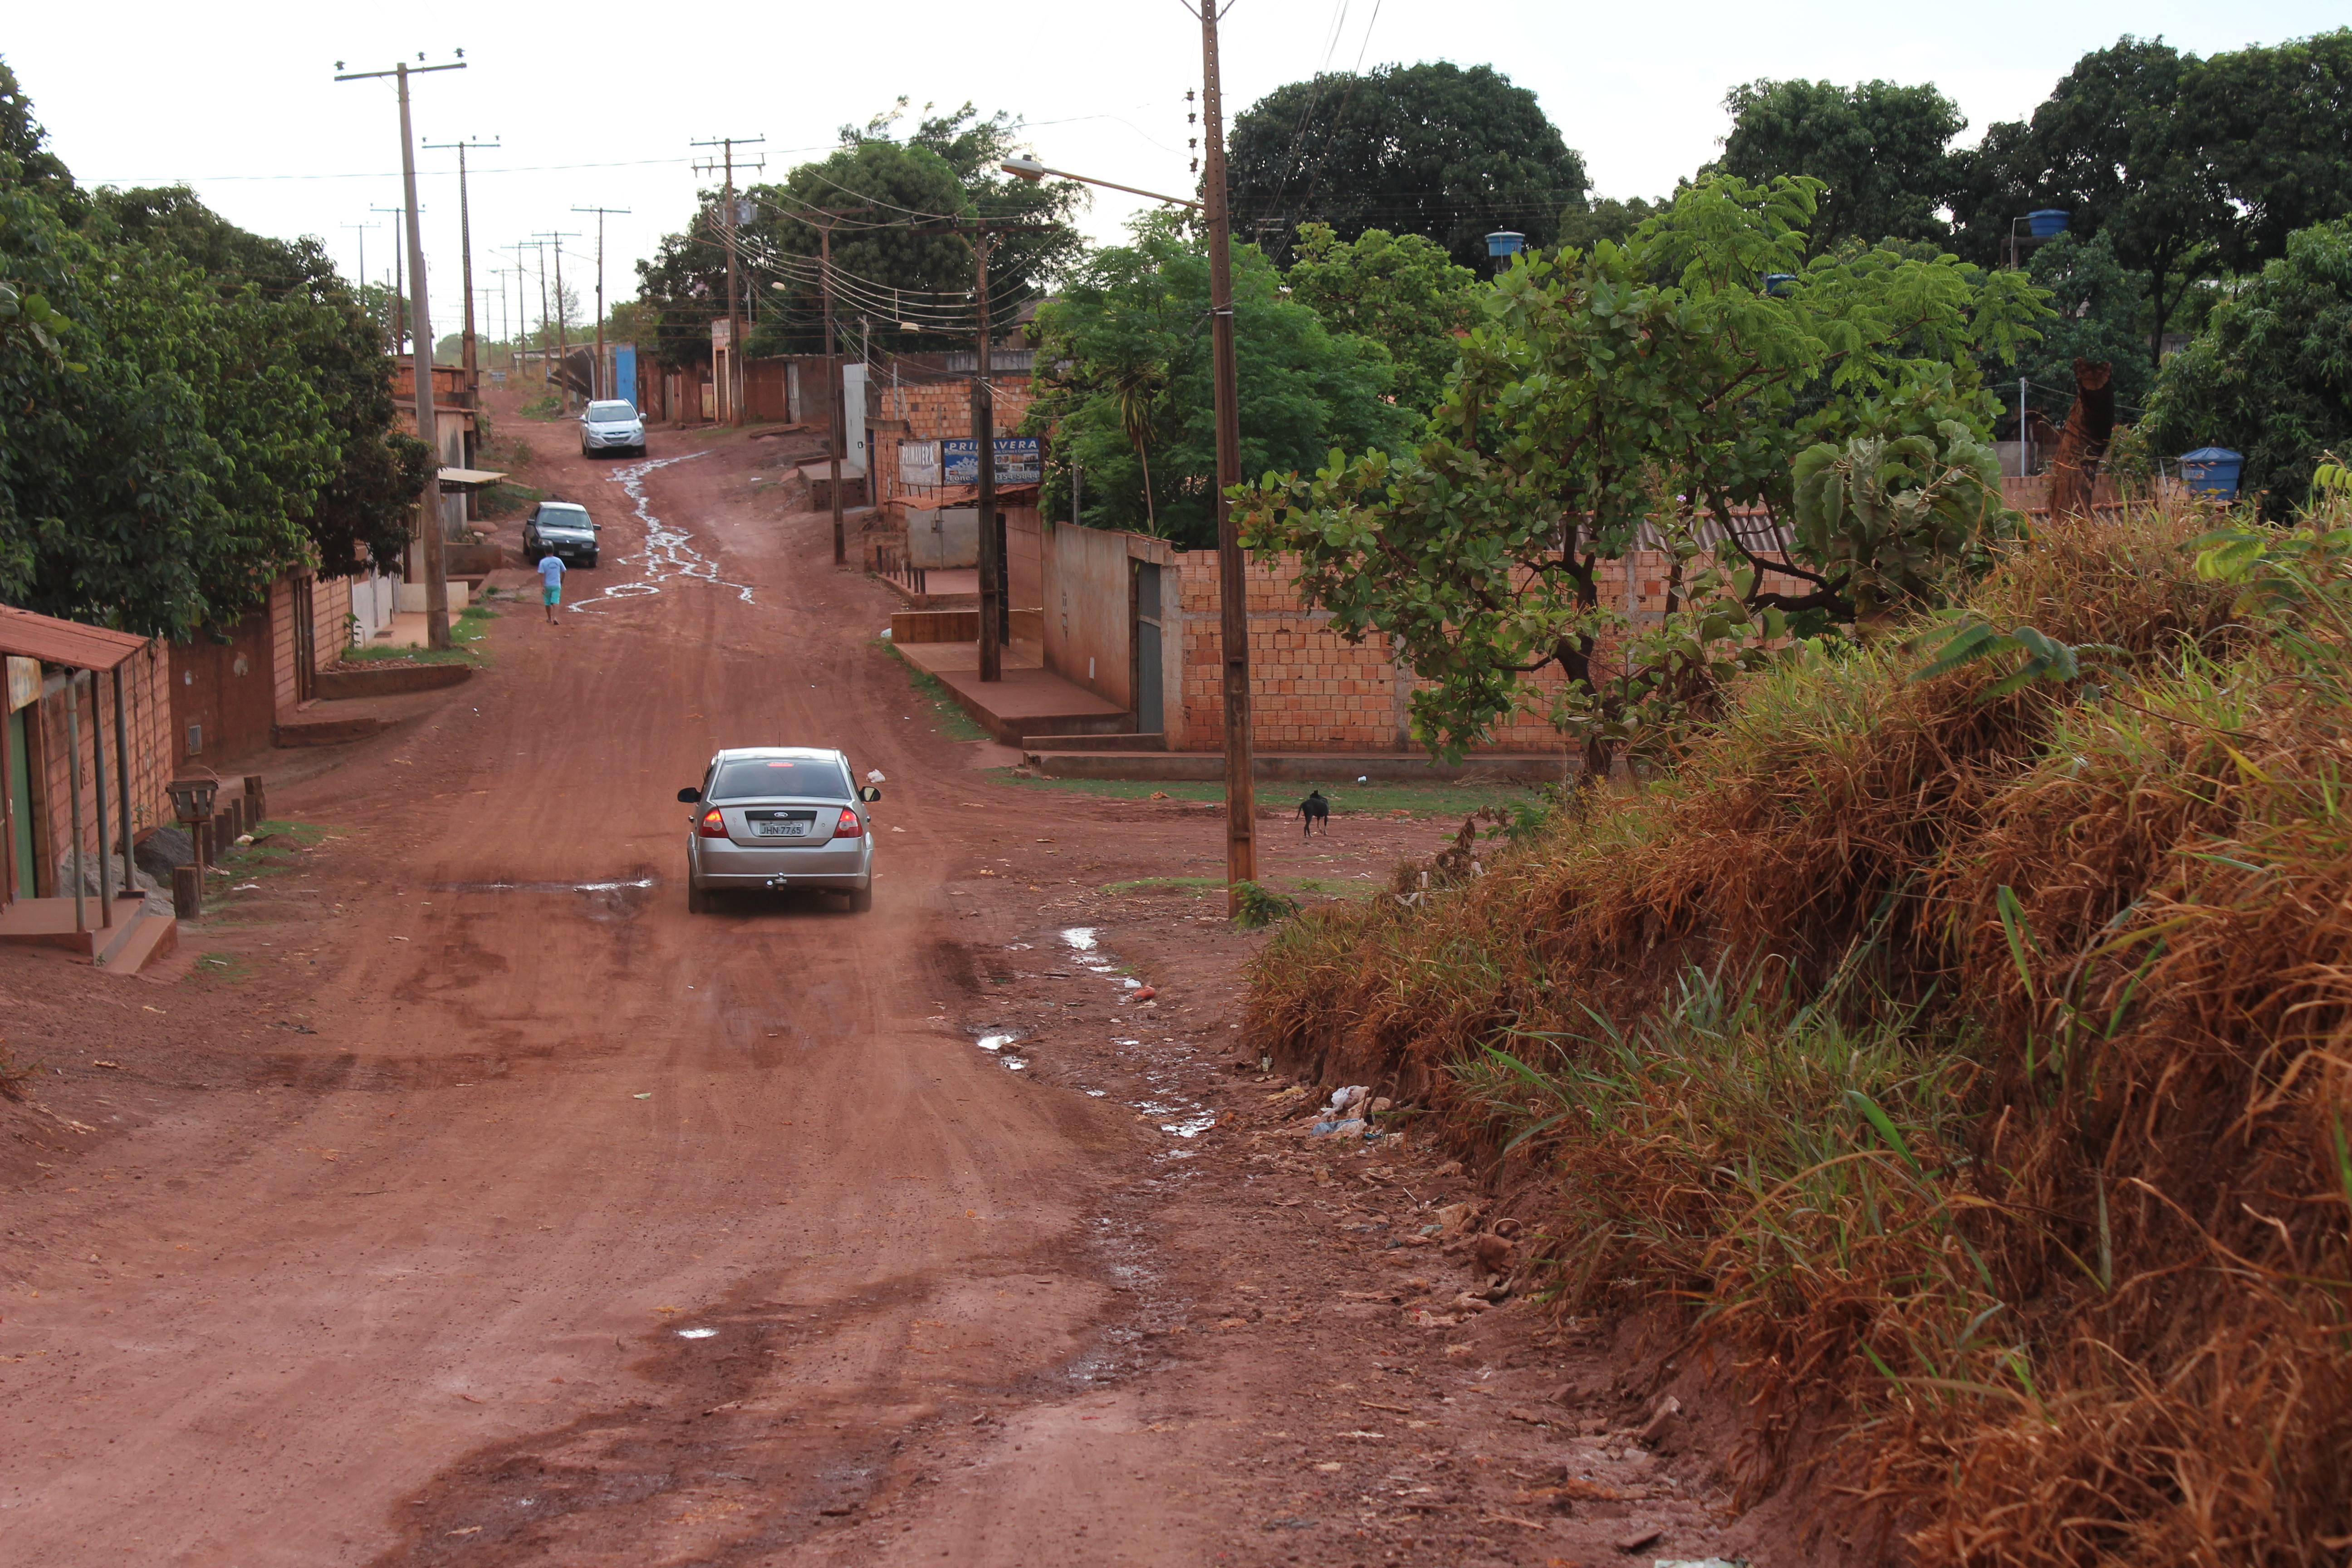 Com 106 mil habitantes, Novo Gama (GO) tem alta proporção de famílias carentes.